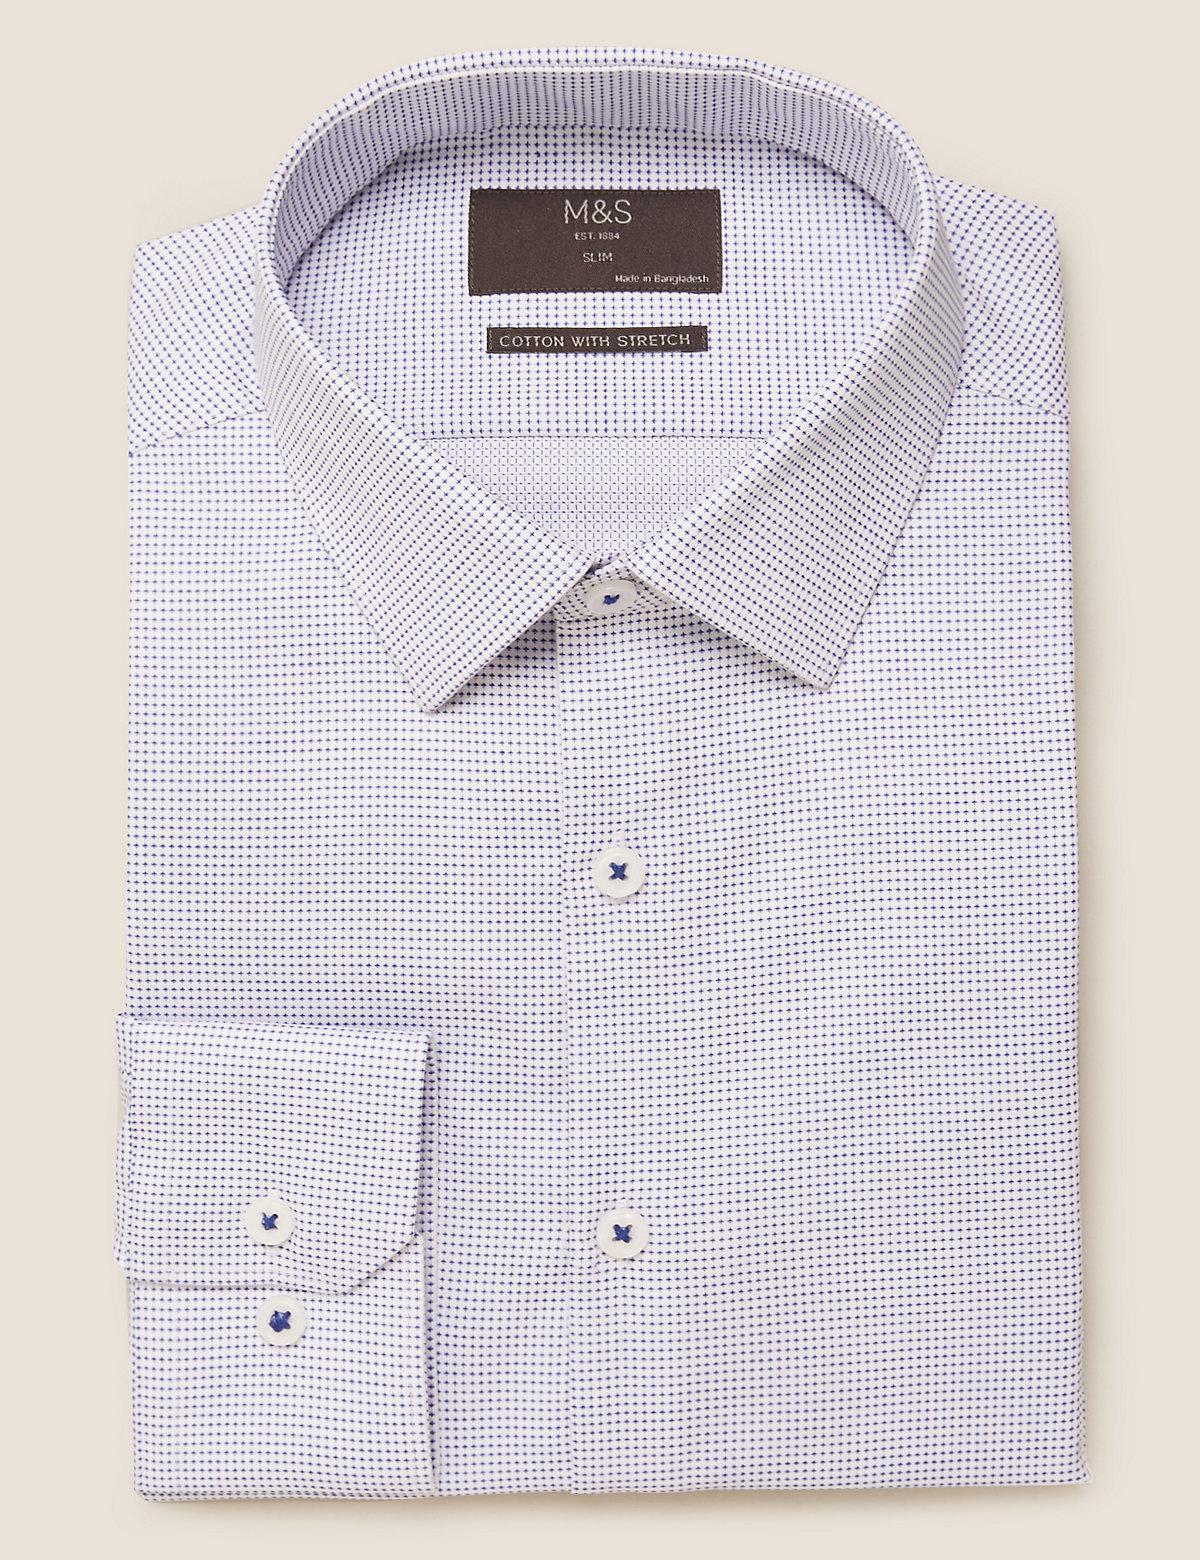 Текстурированная приталенная рубашка с отделкой Easy Iron